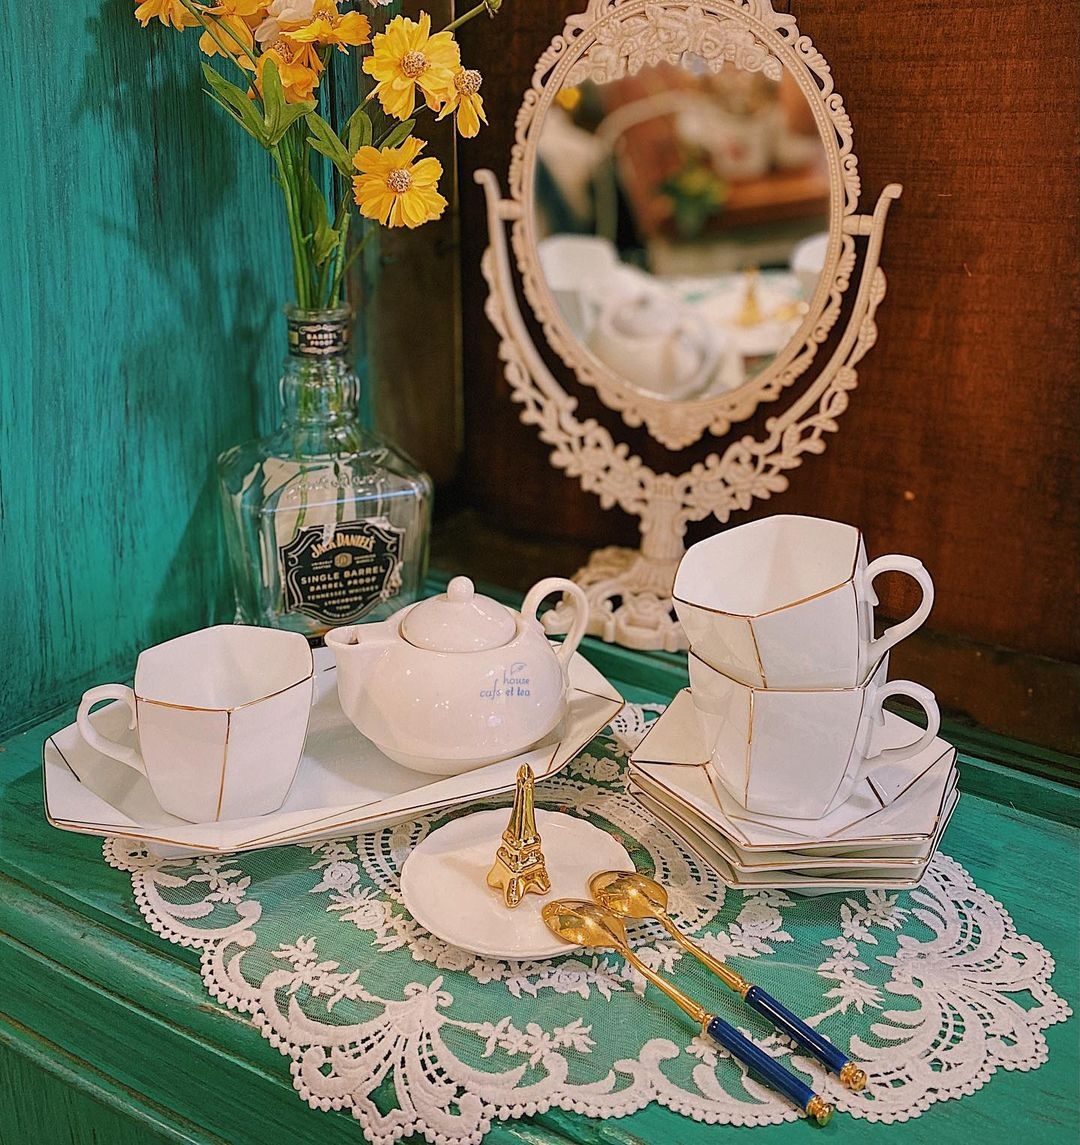 Mở tiệc trà ngay tại nhà với những bộ ấm tách đẹp long lanh chanh sả giá chỉ từ 250k - Ảnh 3.